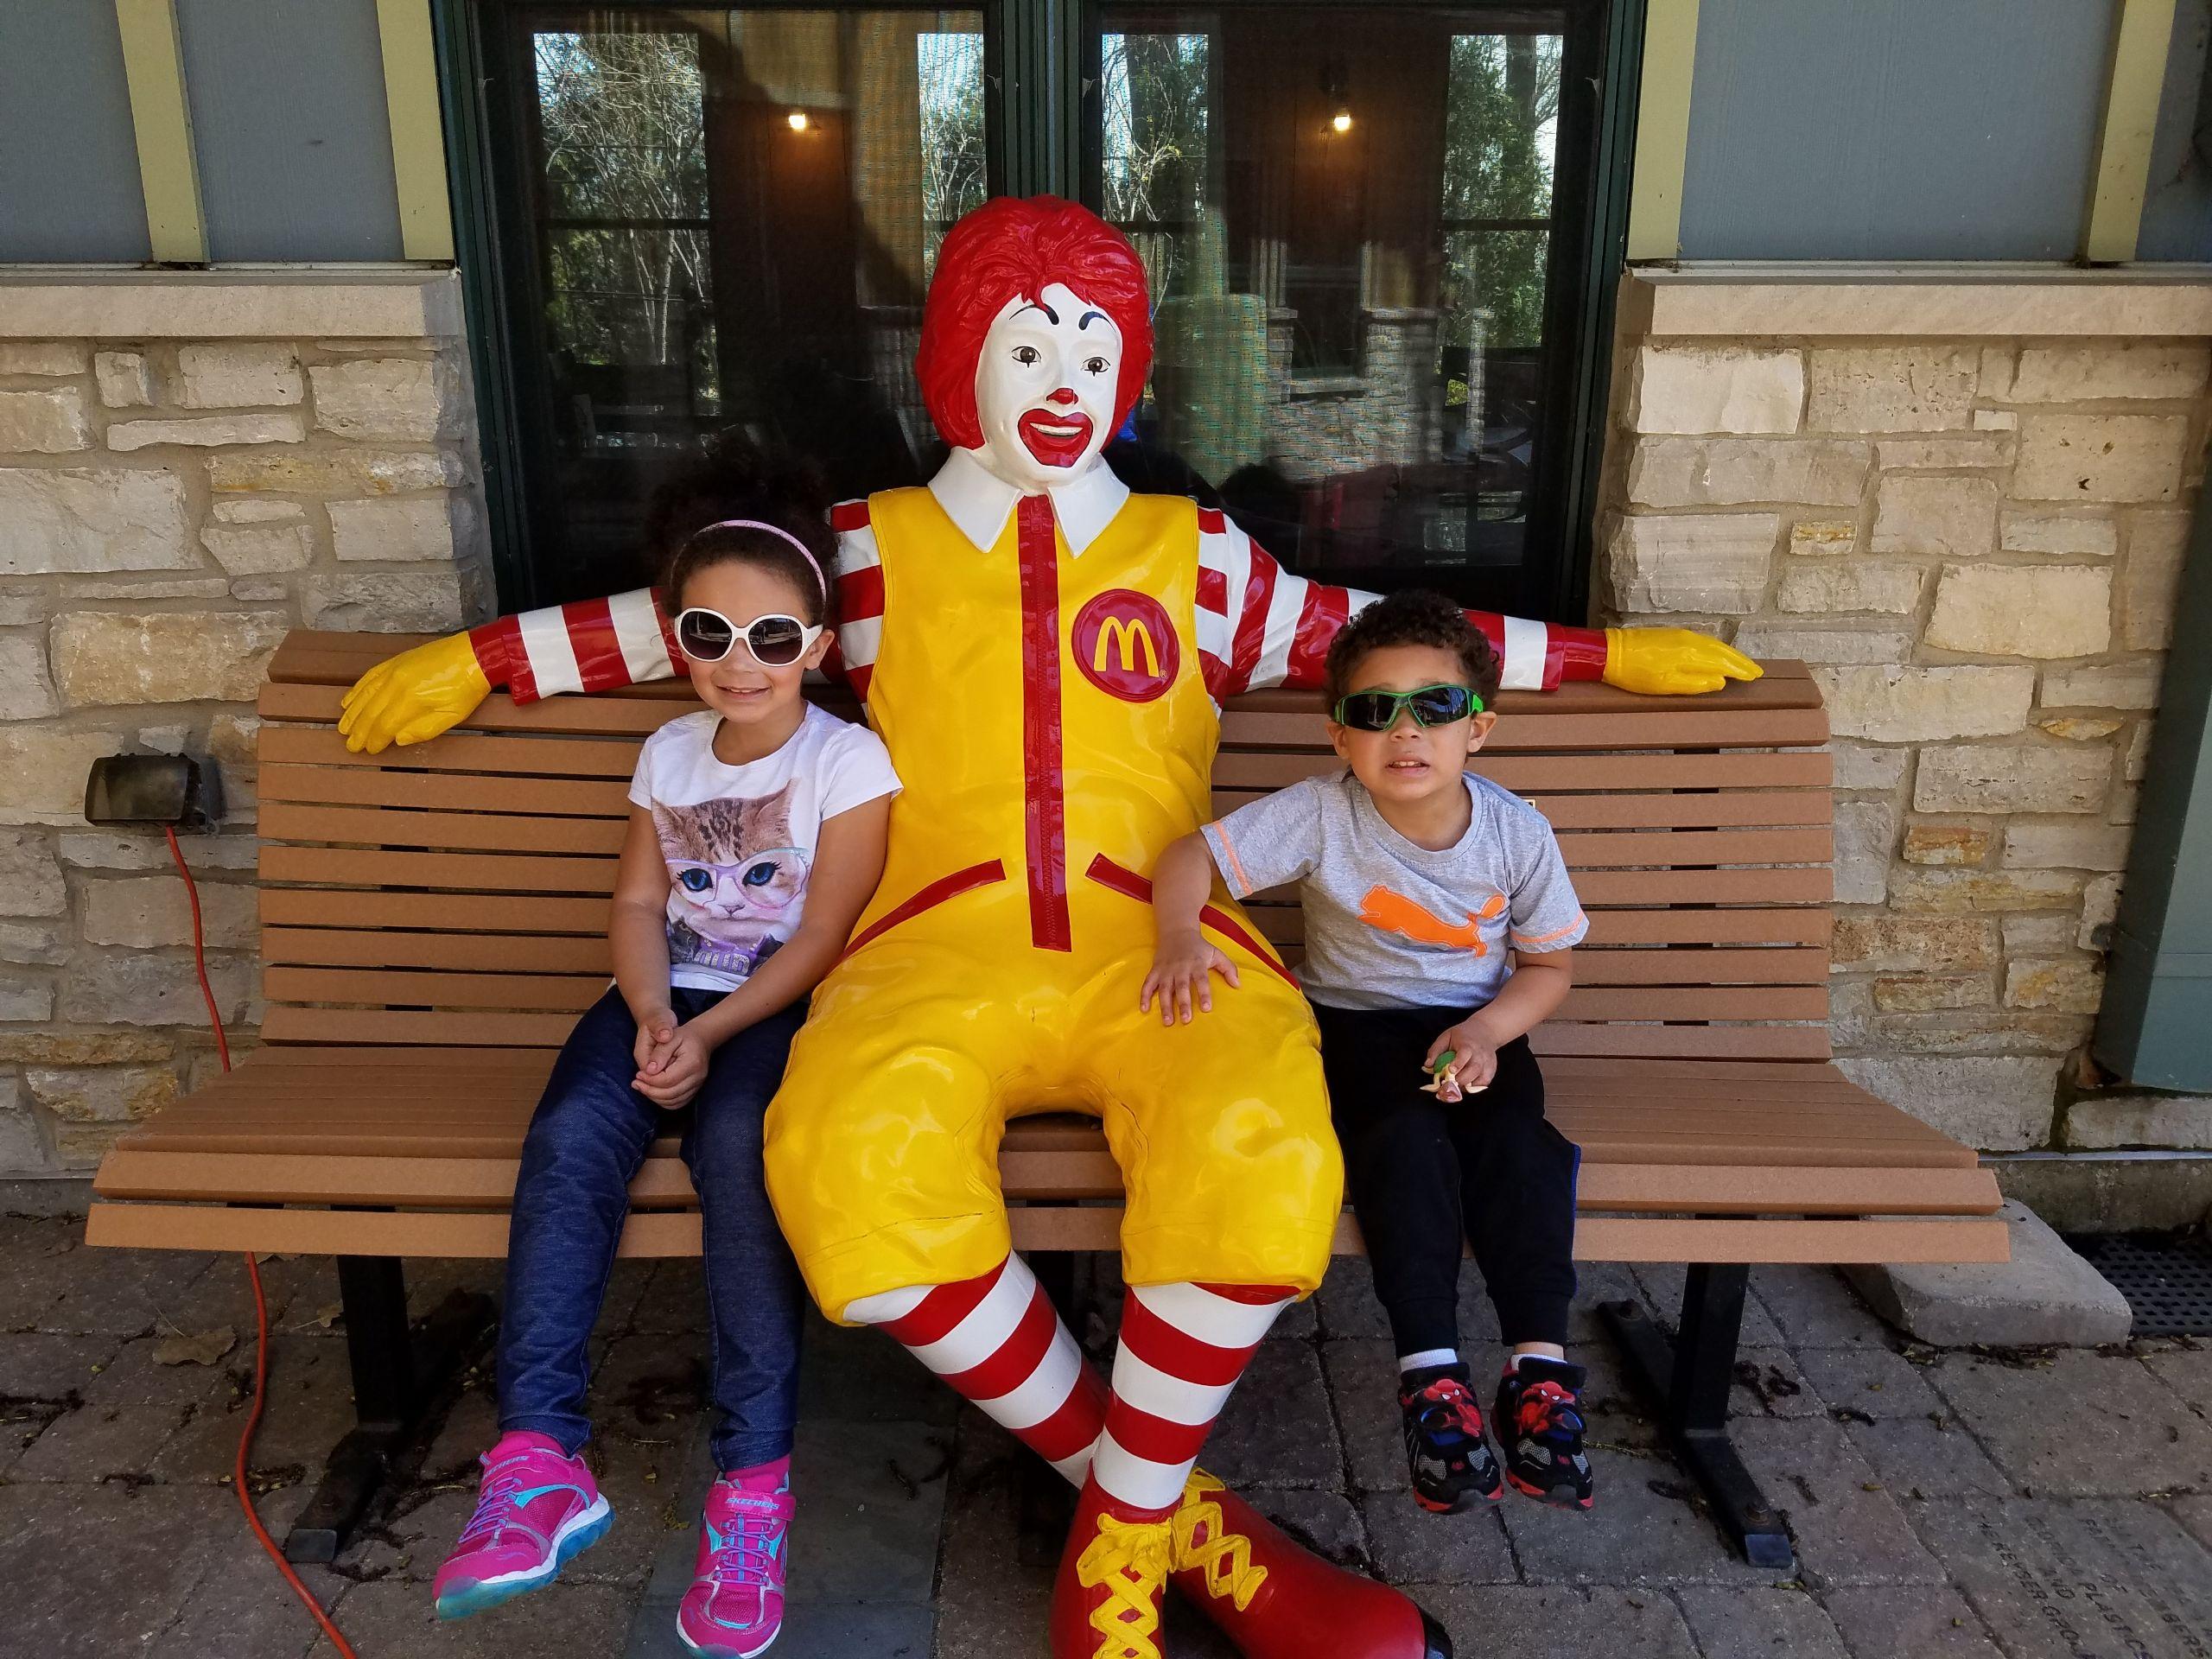 kids with ronald mcdonald